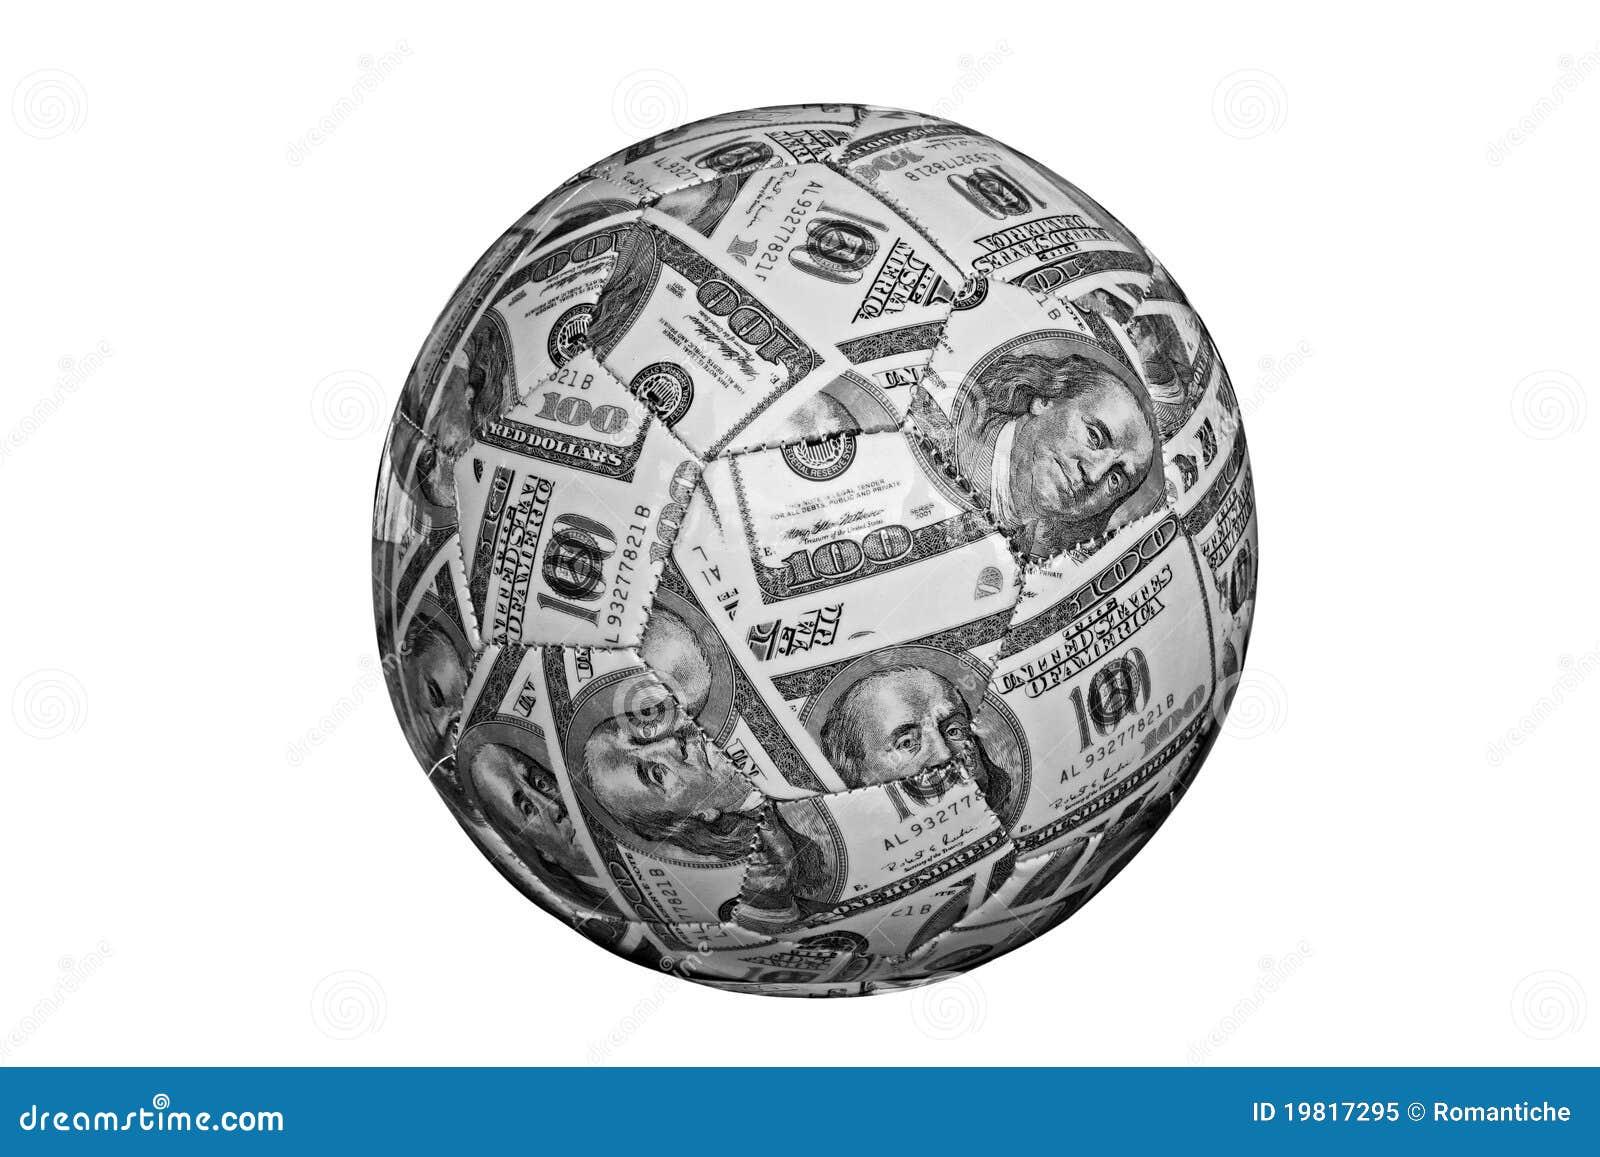 Cash Ball